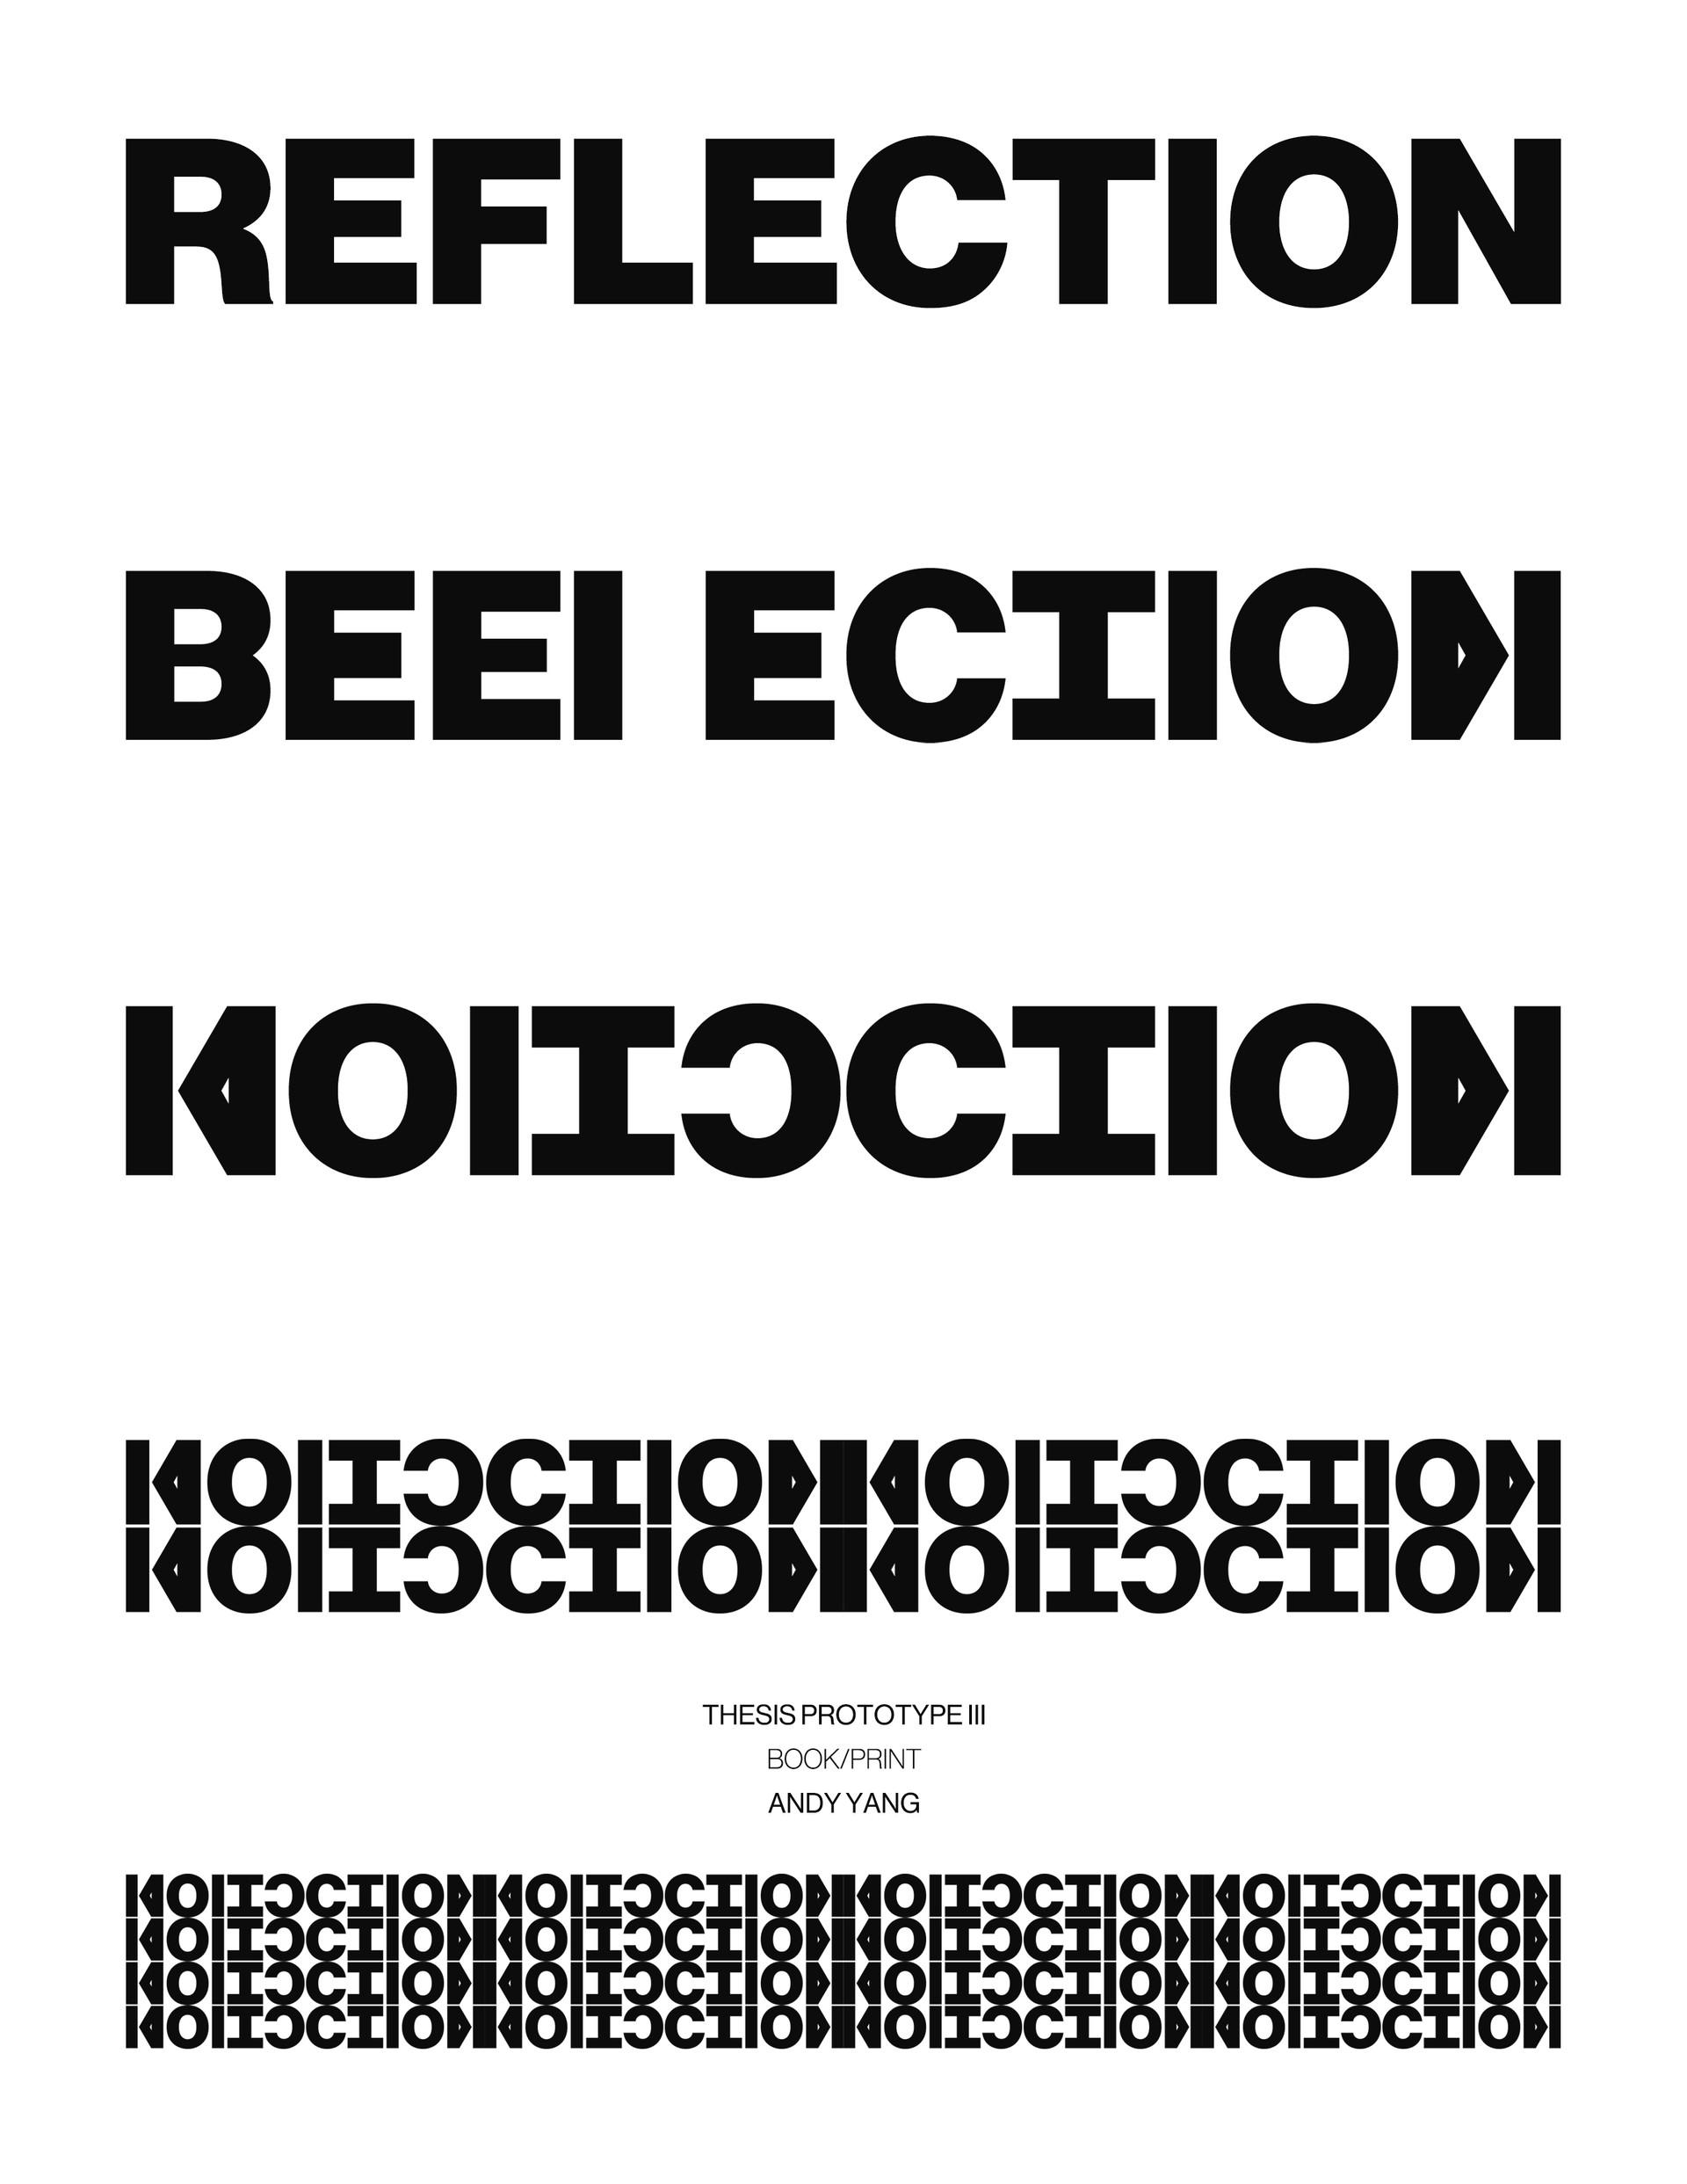 proto book cover